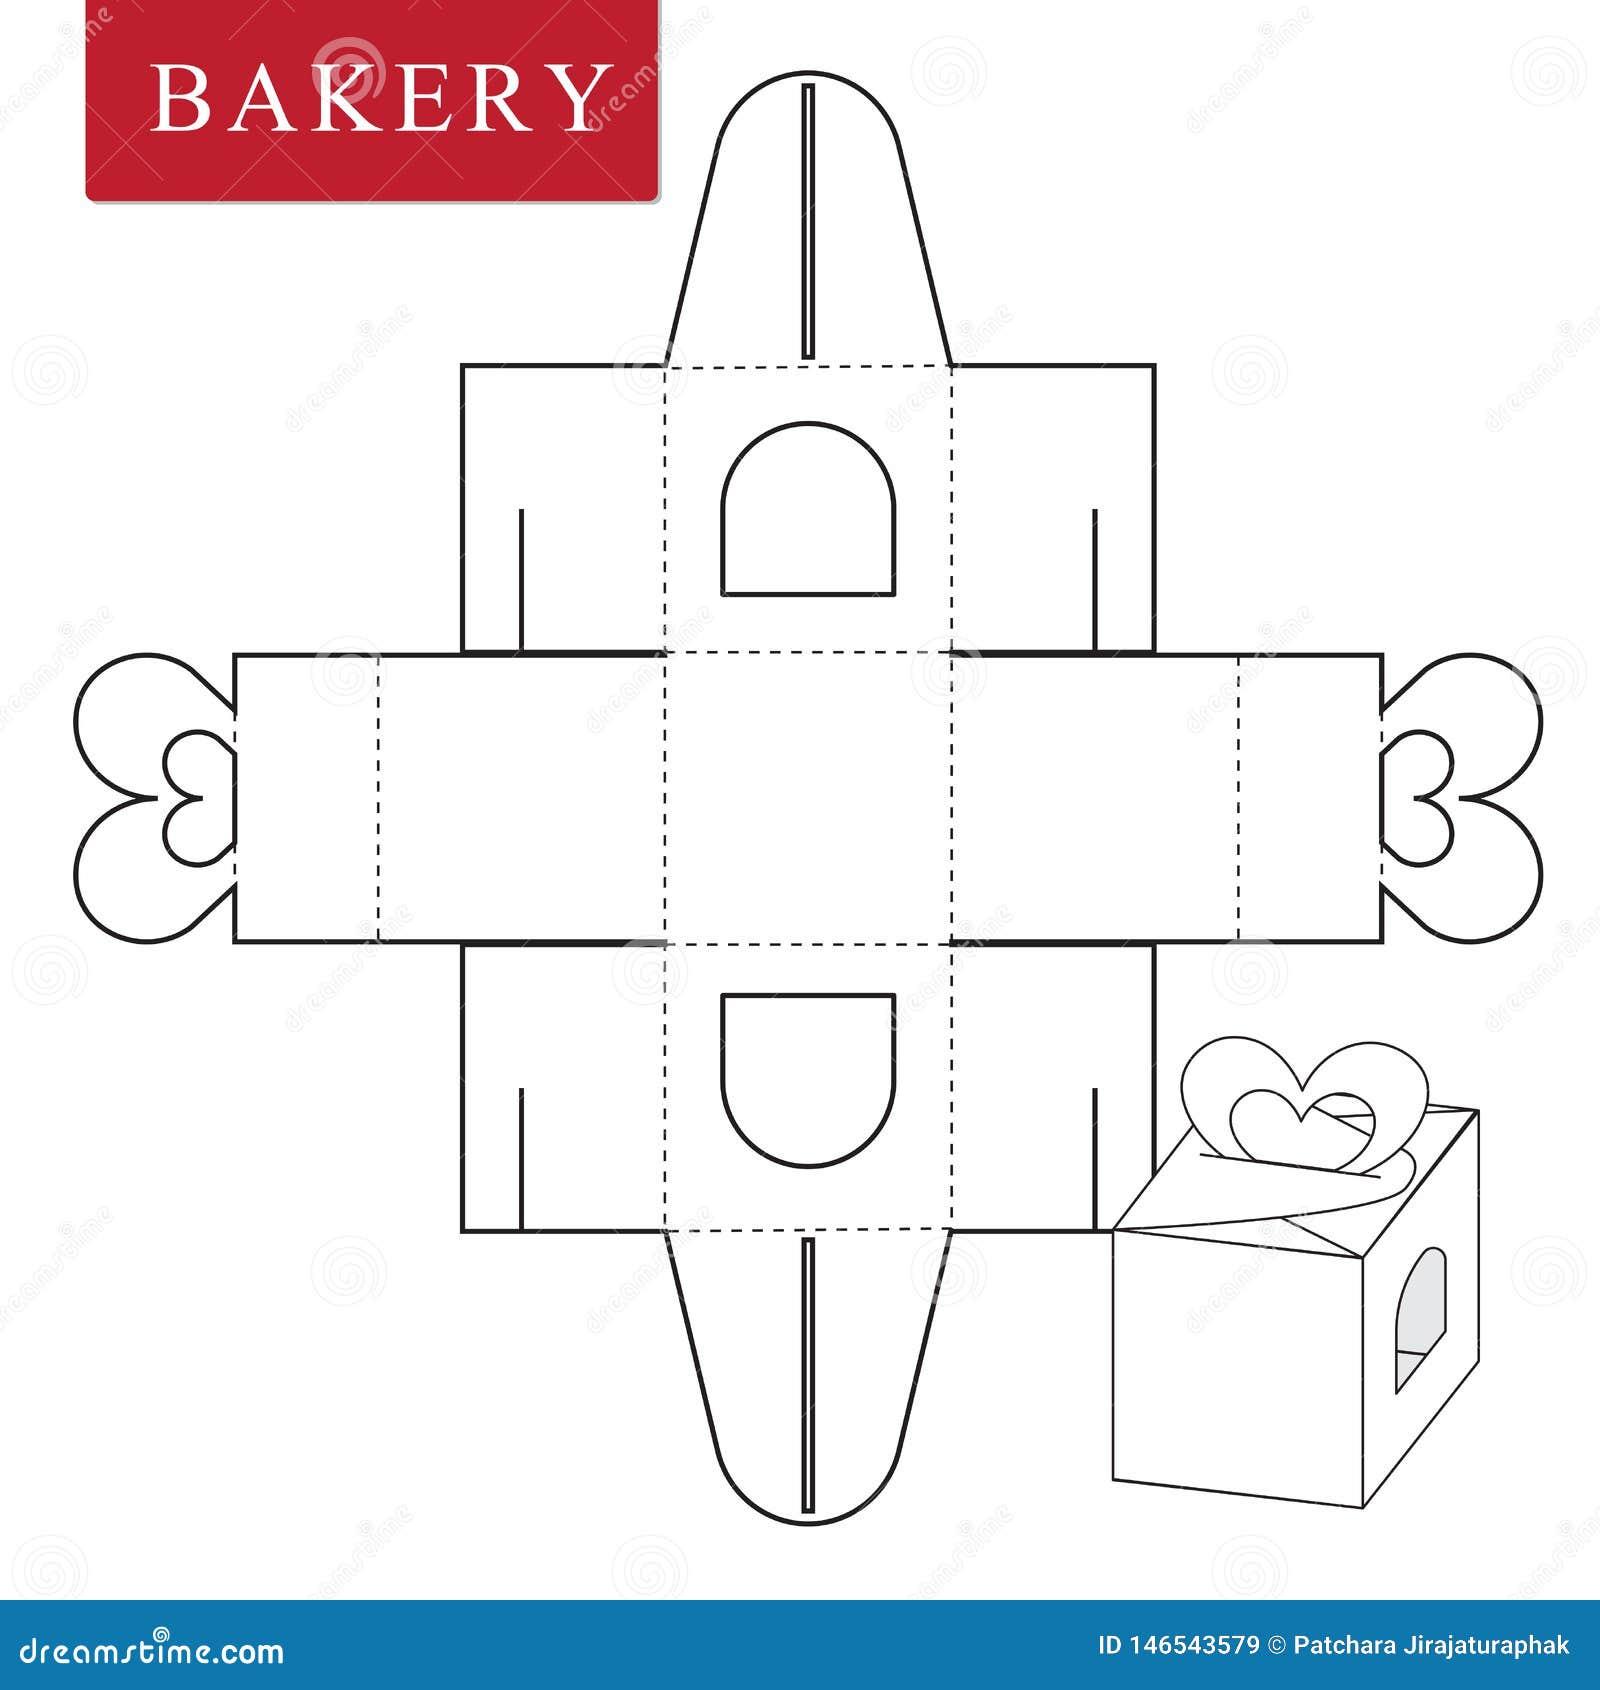 Plantilla del paquete para la comida de la panader?a u otros art?culos